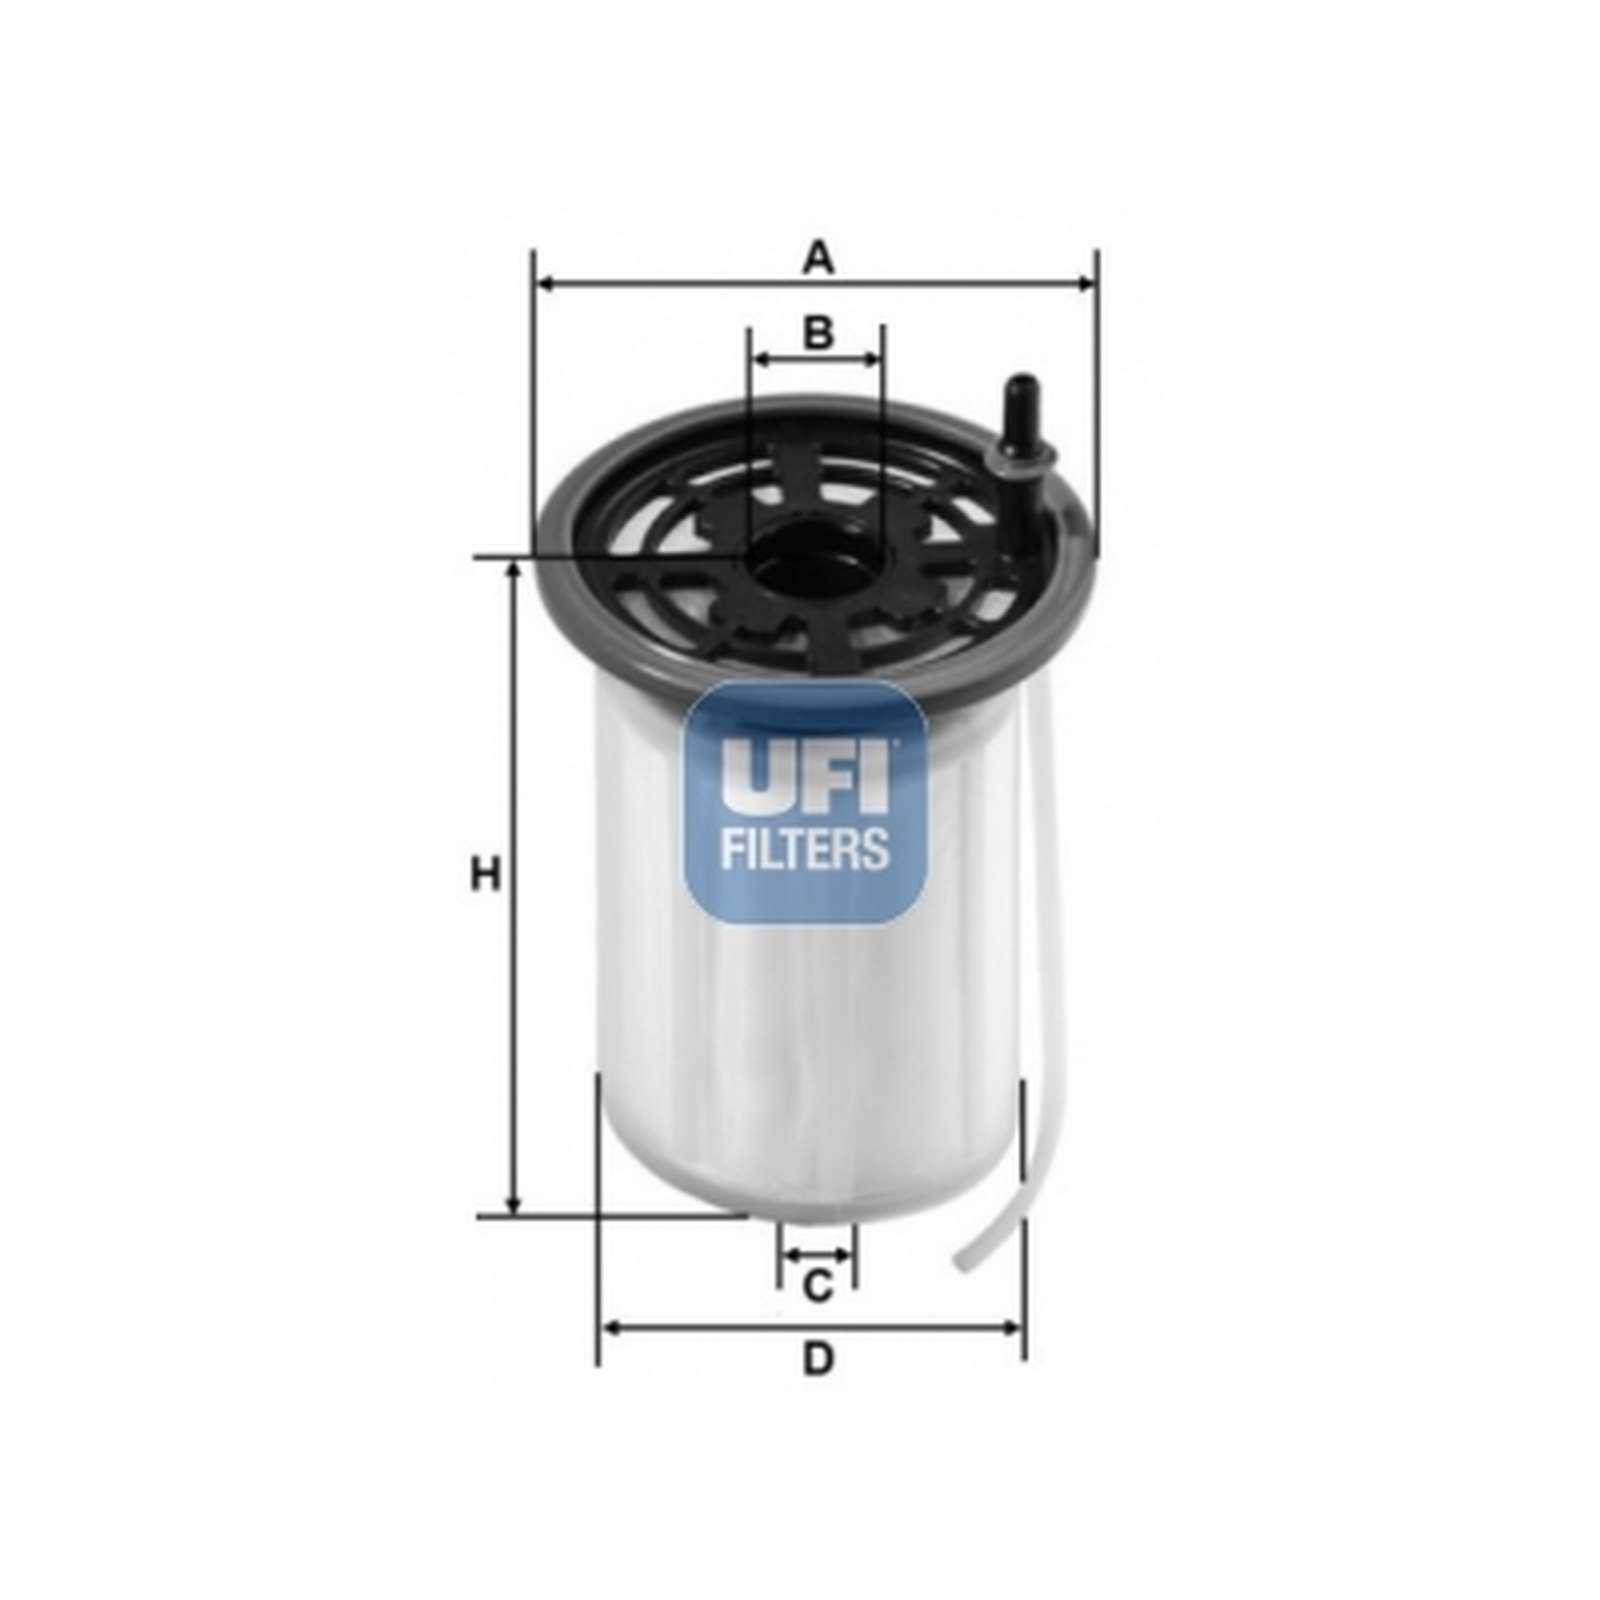 Ufi Filters 26.079.00 Diesel Filter